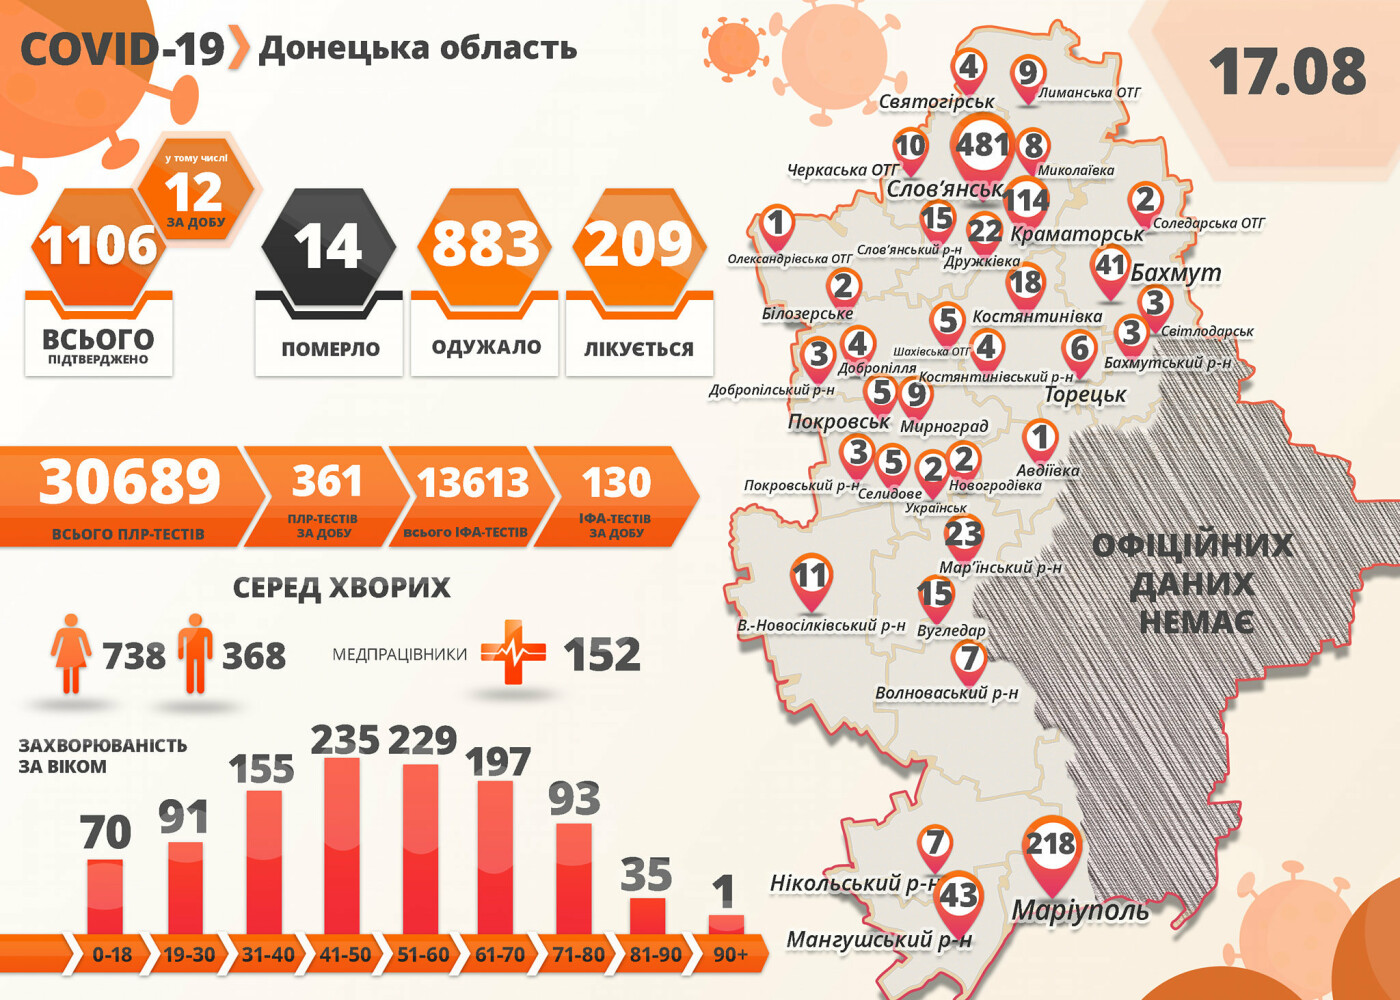 В Донецкой области 12 новых случаев коронавируса, фото-1